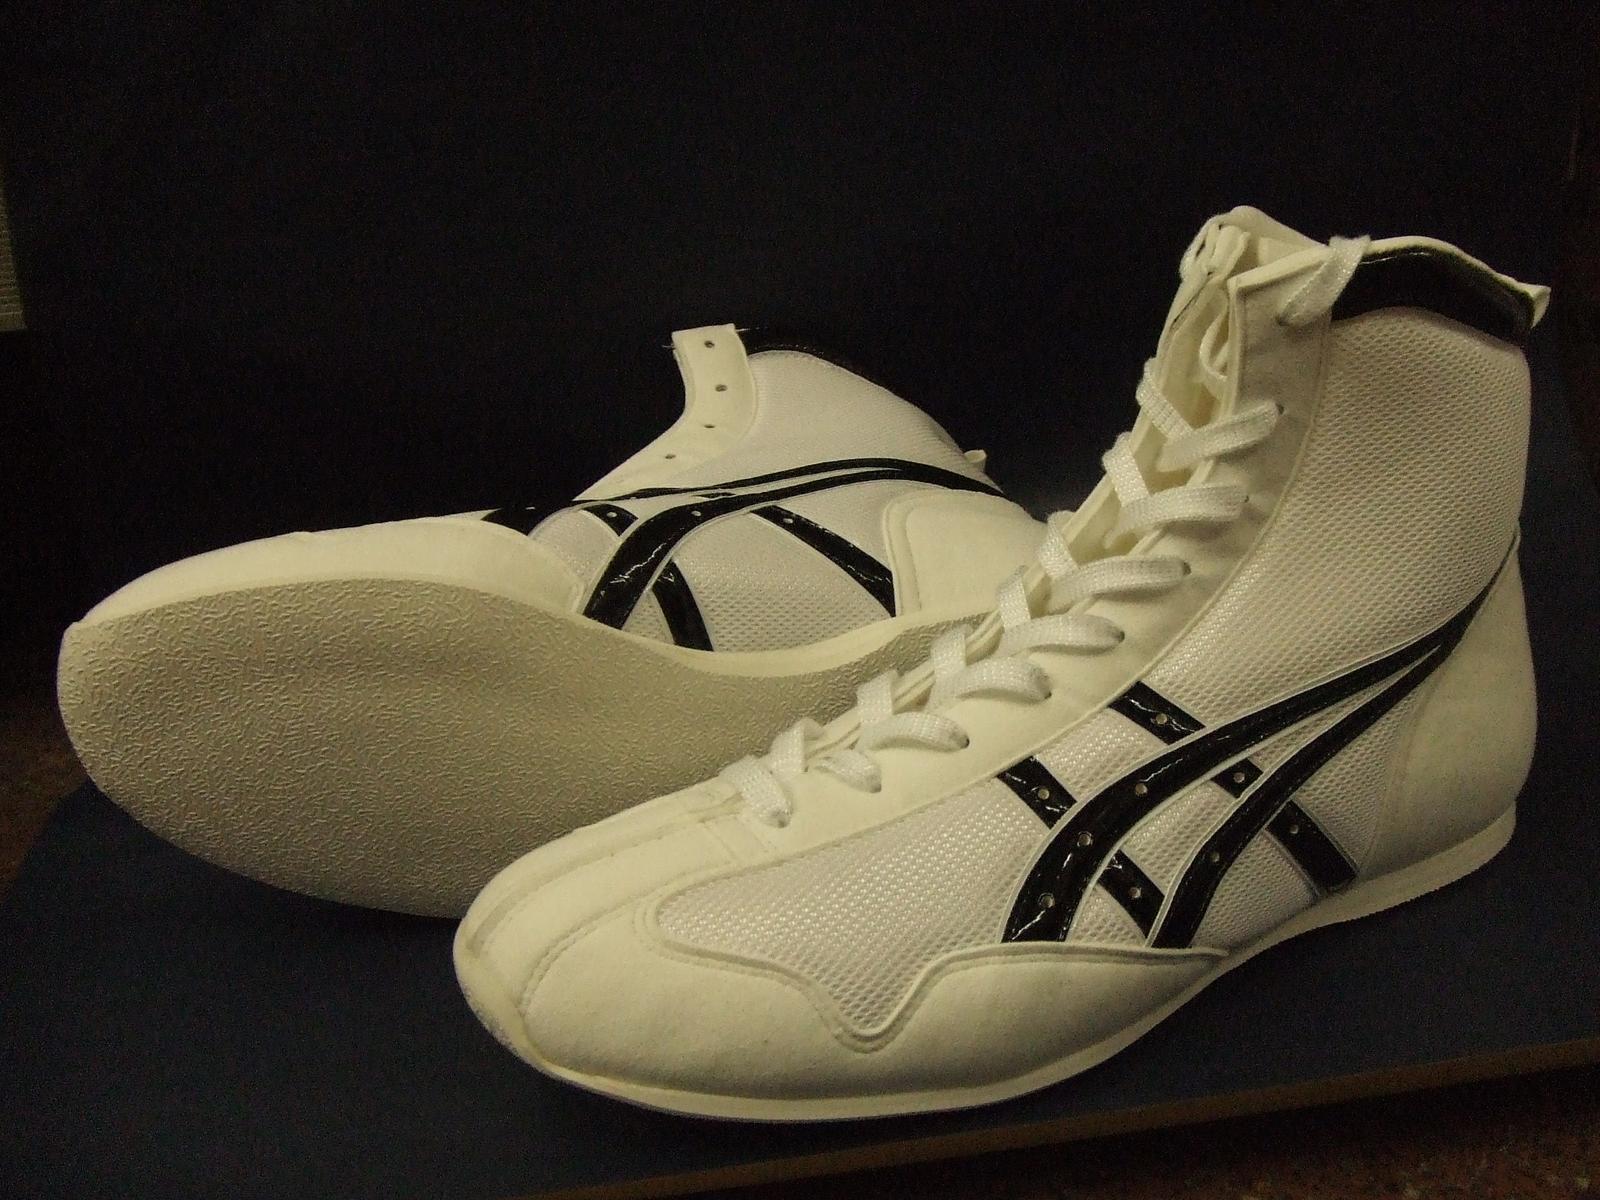 【受注生産約40日でお届け】アシックスショートボクシングシューズアメリカ屋オリジナルカラー 白×黒